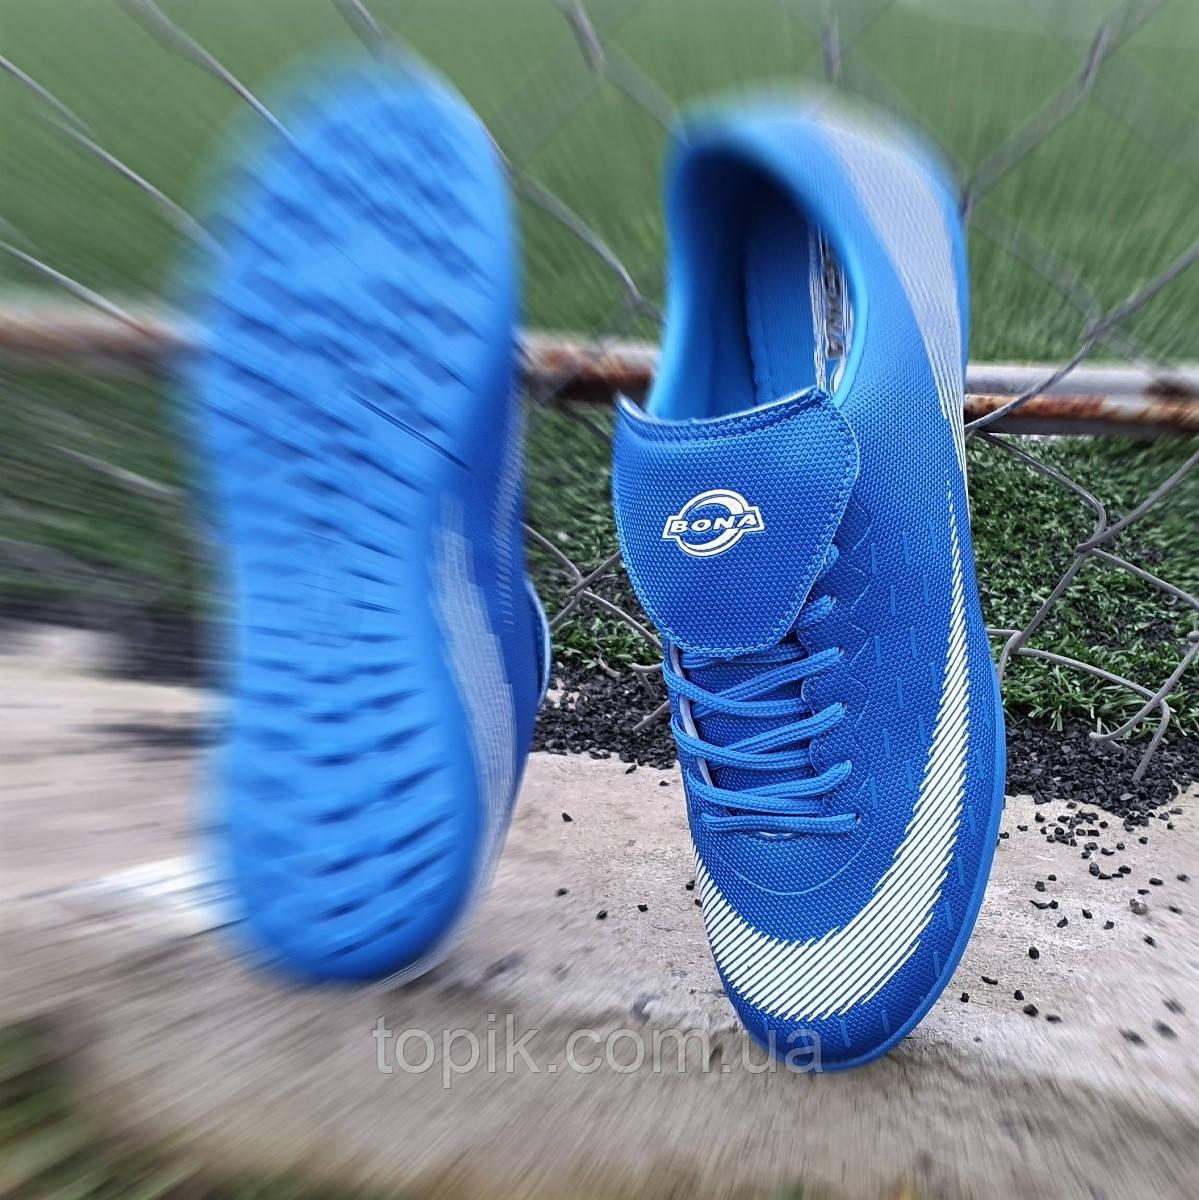 Мужские сороконожки Mercurial, бампы, кроссовки для футбола синие, футбольная обувь, легкие (Код: 1403а)